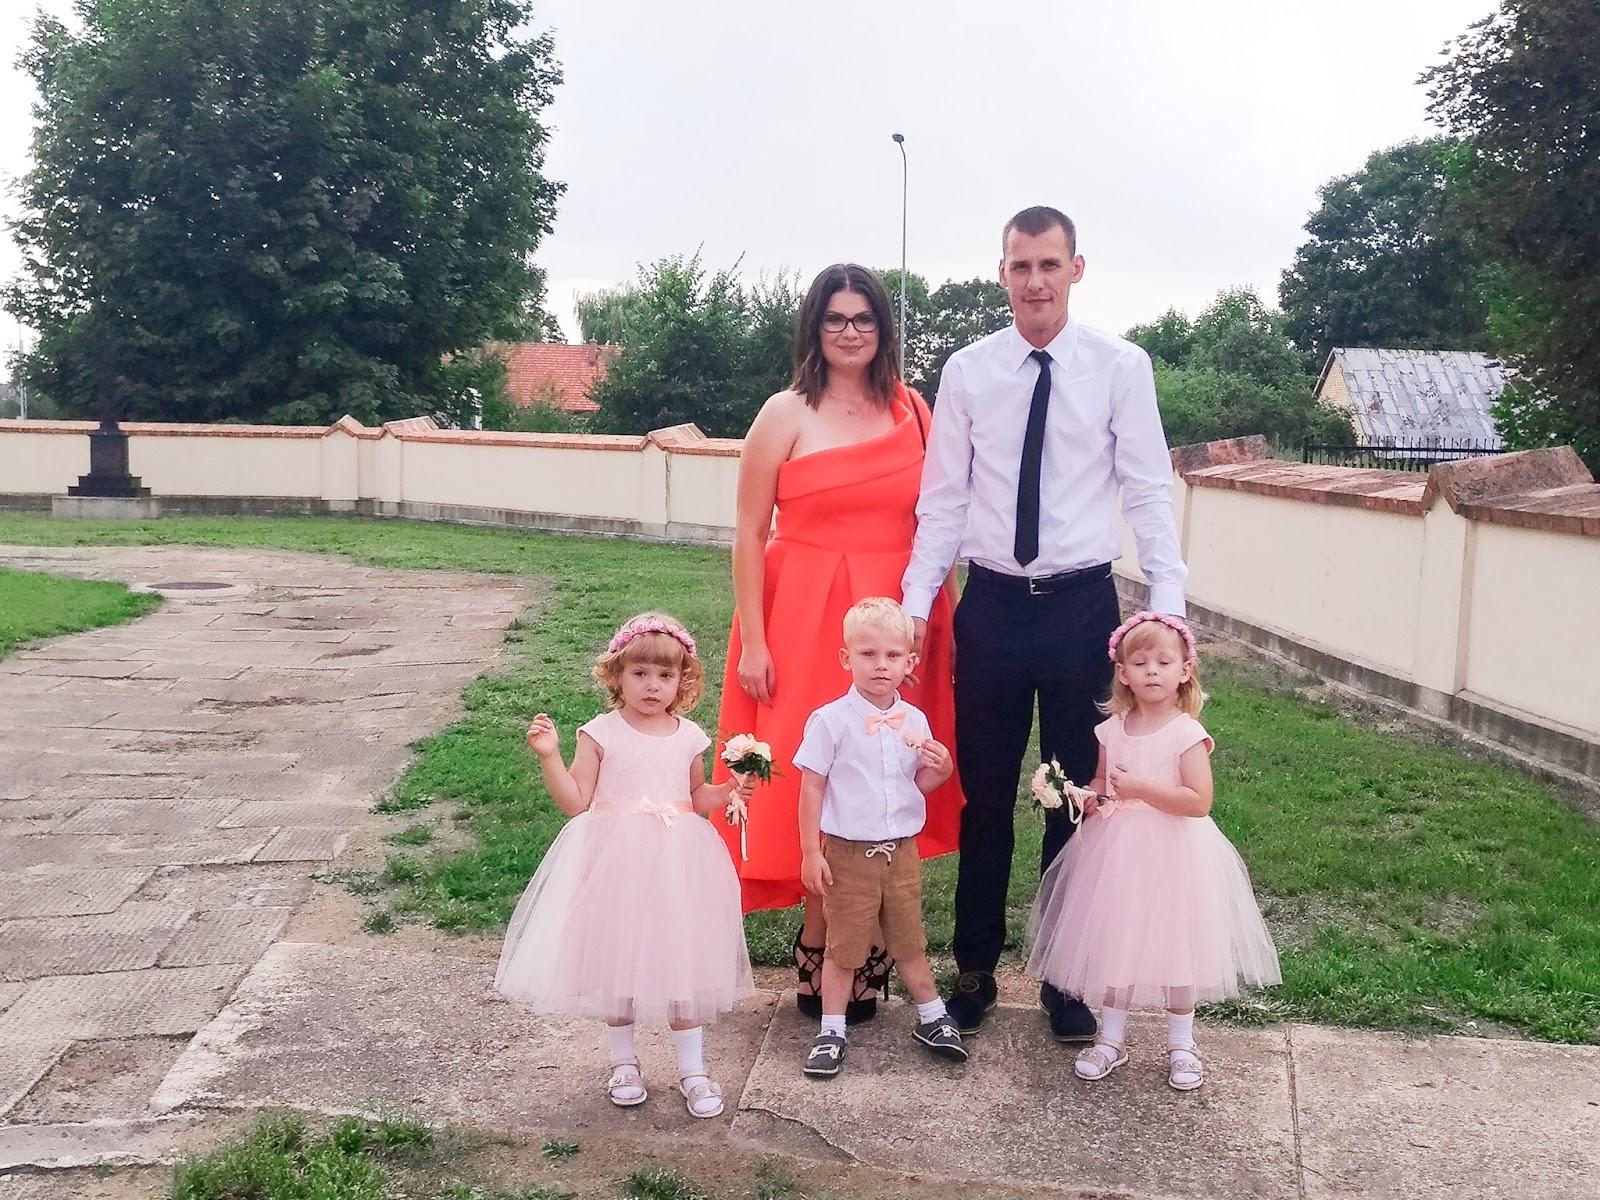 bda4630cee Przy okazji wyboru strojów dla dzieci pojawiło się ważne pytanie-jak ubrać  dziecko na ślub